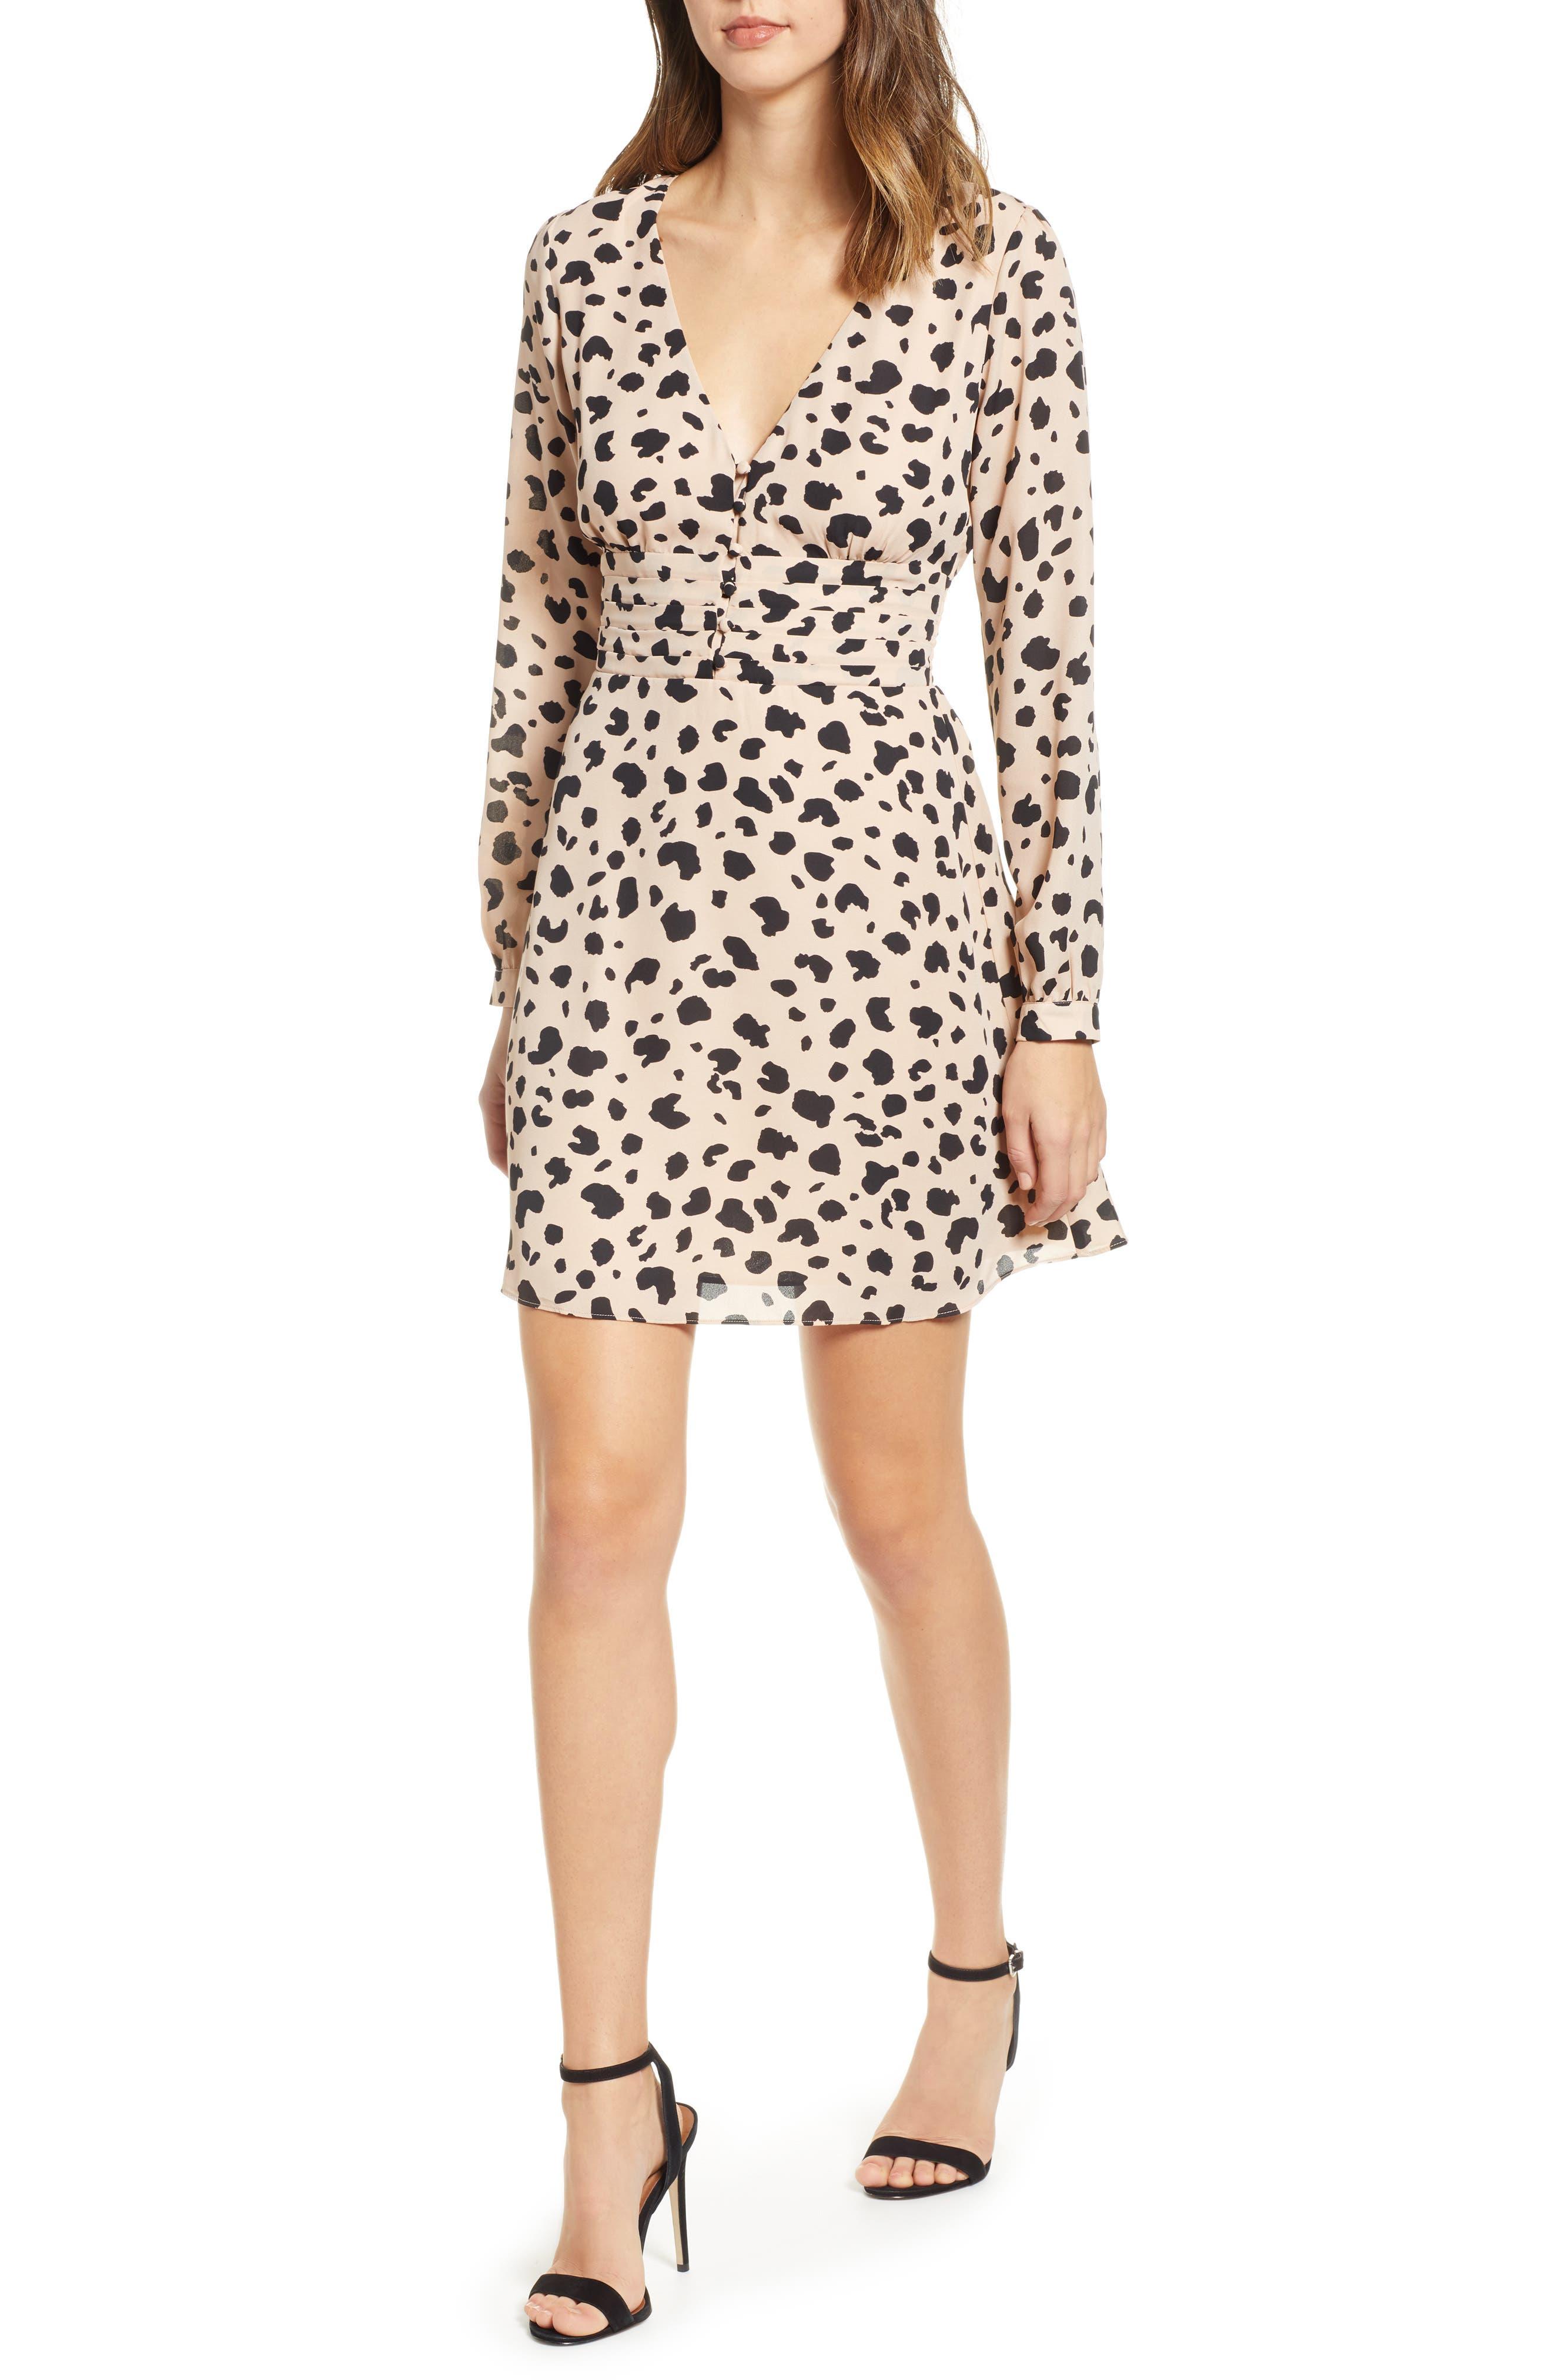 SOCIALITE Print Button Dress, Main, color, LEOPARD